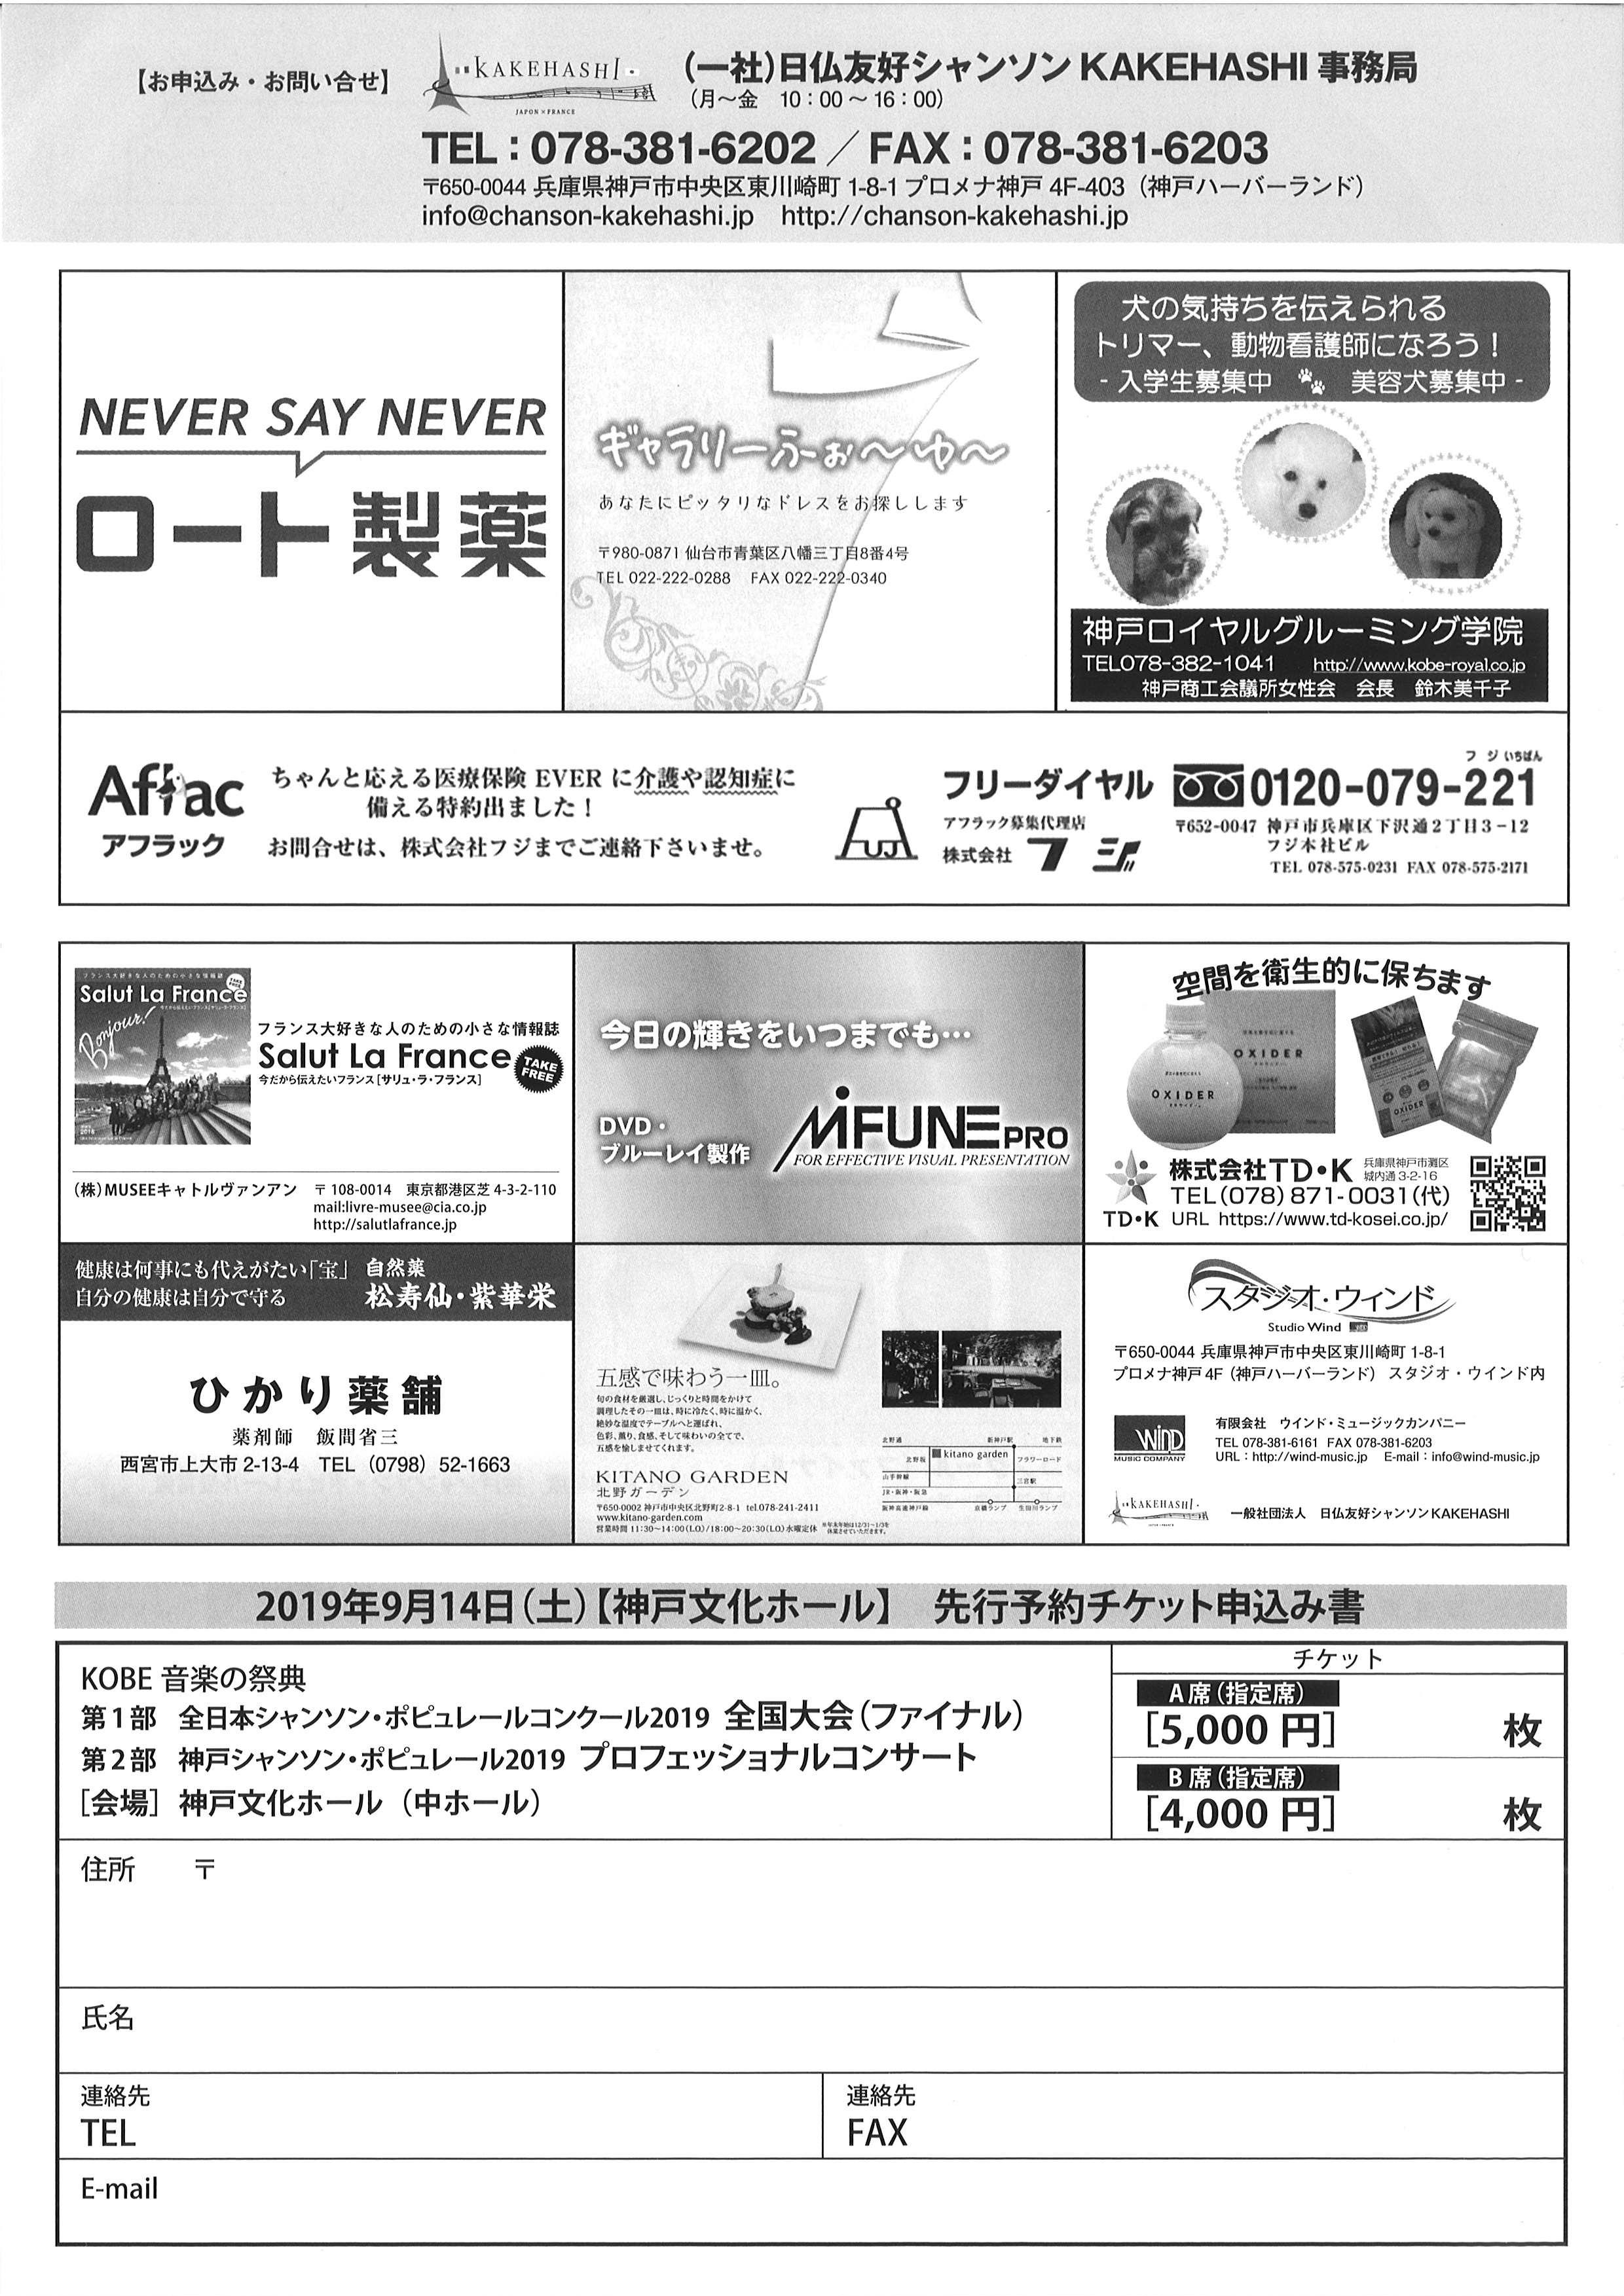 ファイナル02.jpg